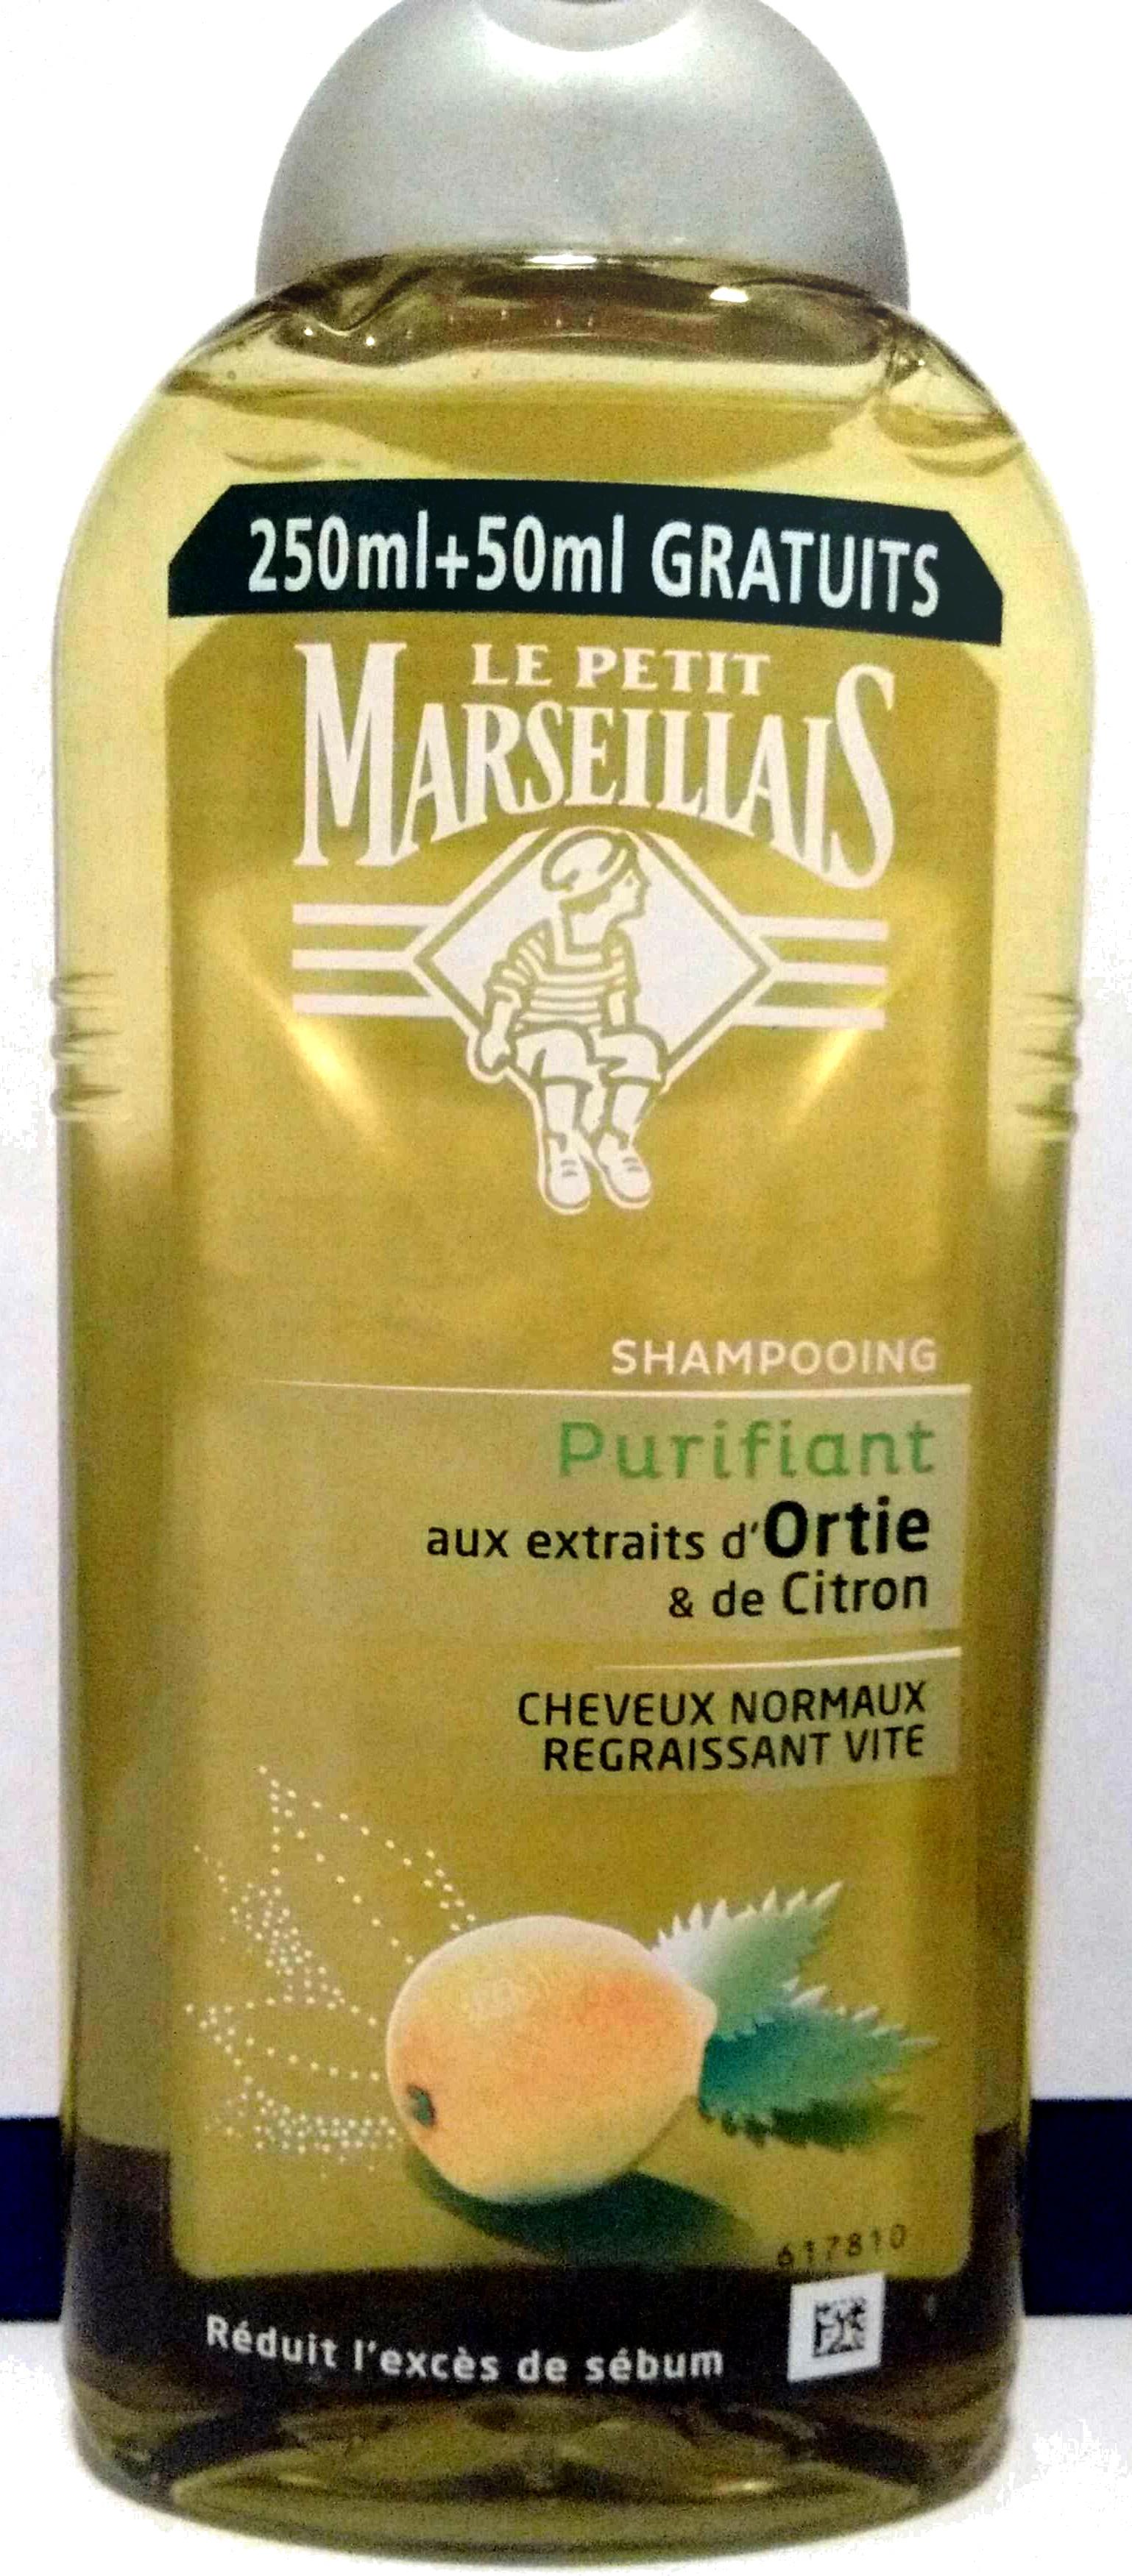 Shampooing Purifiant aux extraits d'Ortie et de Citron - Produit - fr